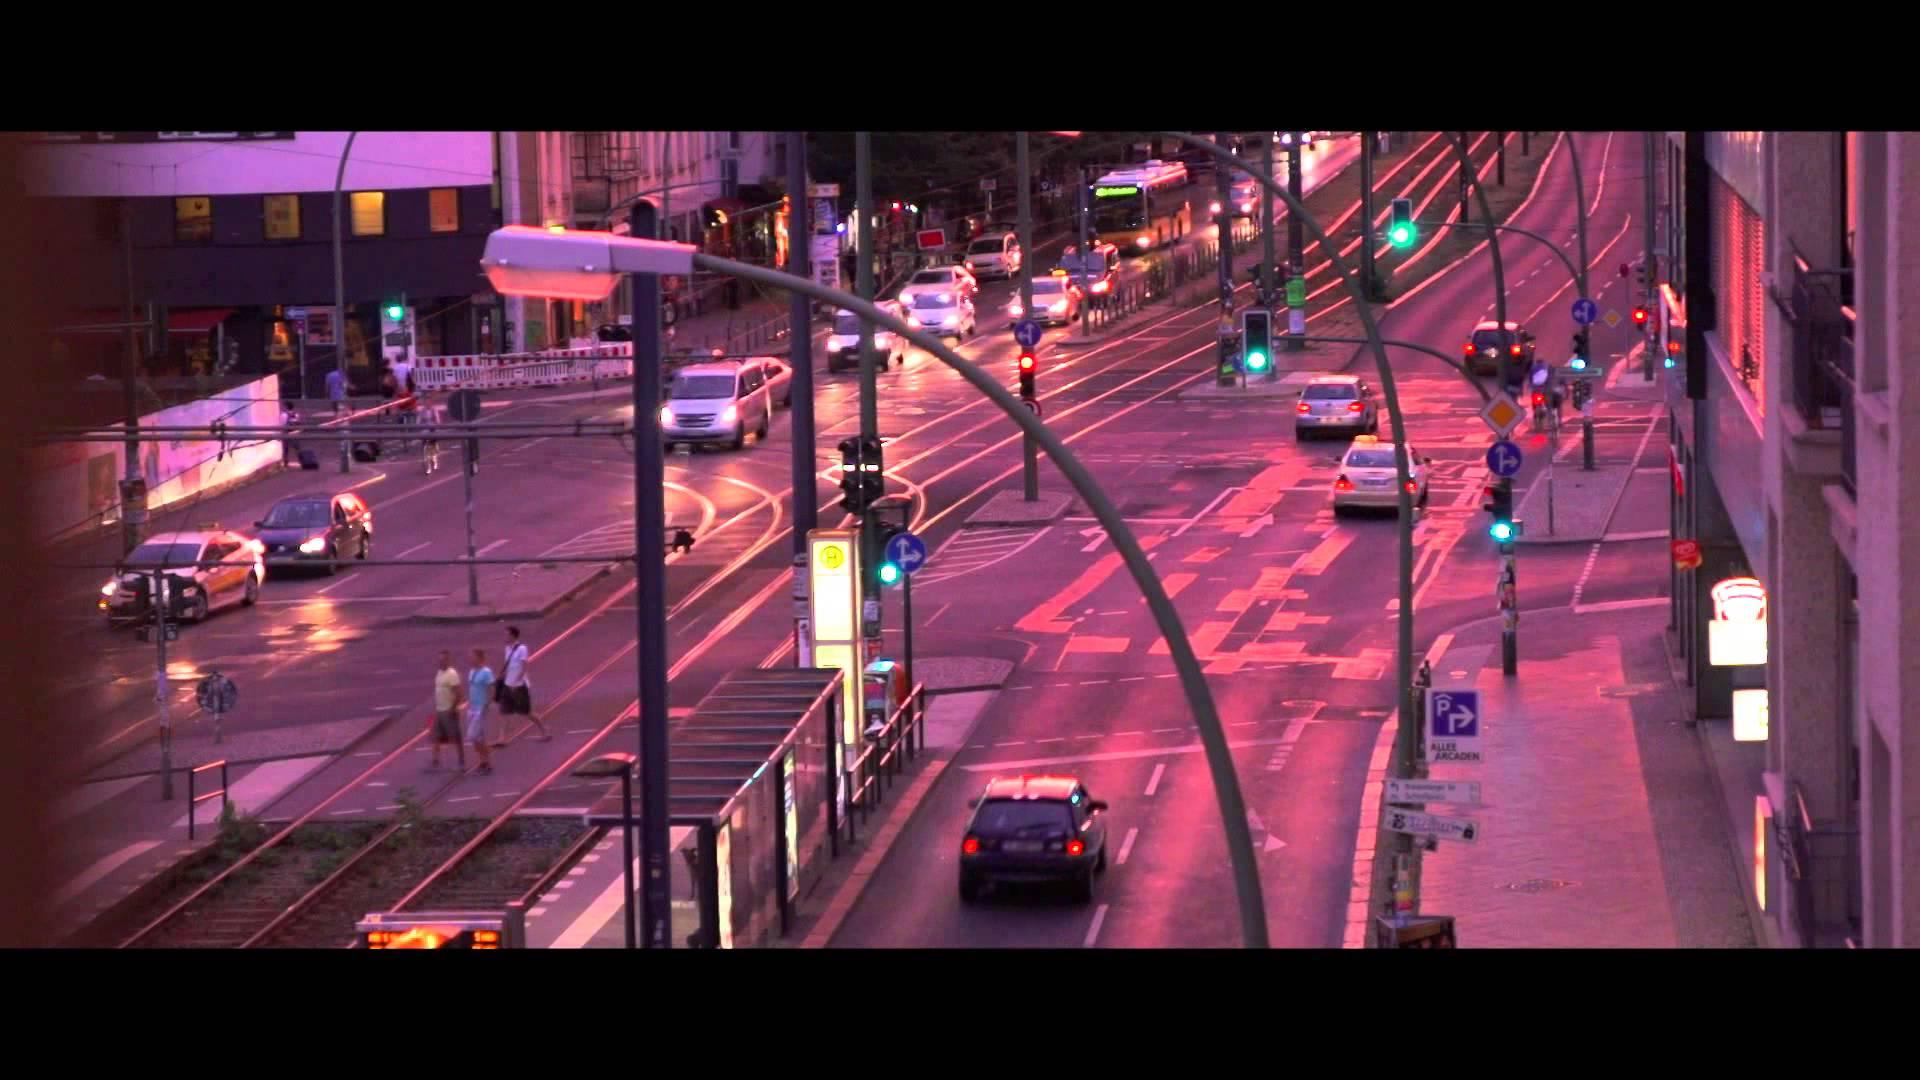 maxresdefault16 Der Trailer zu CITIZENFOUR   dem Biopic über Edward Snowden